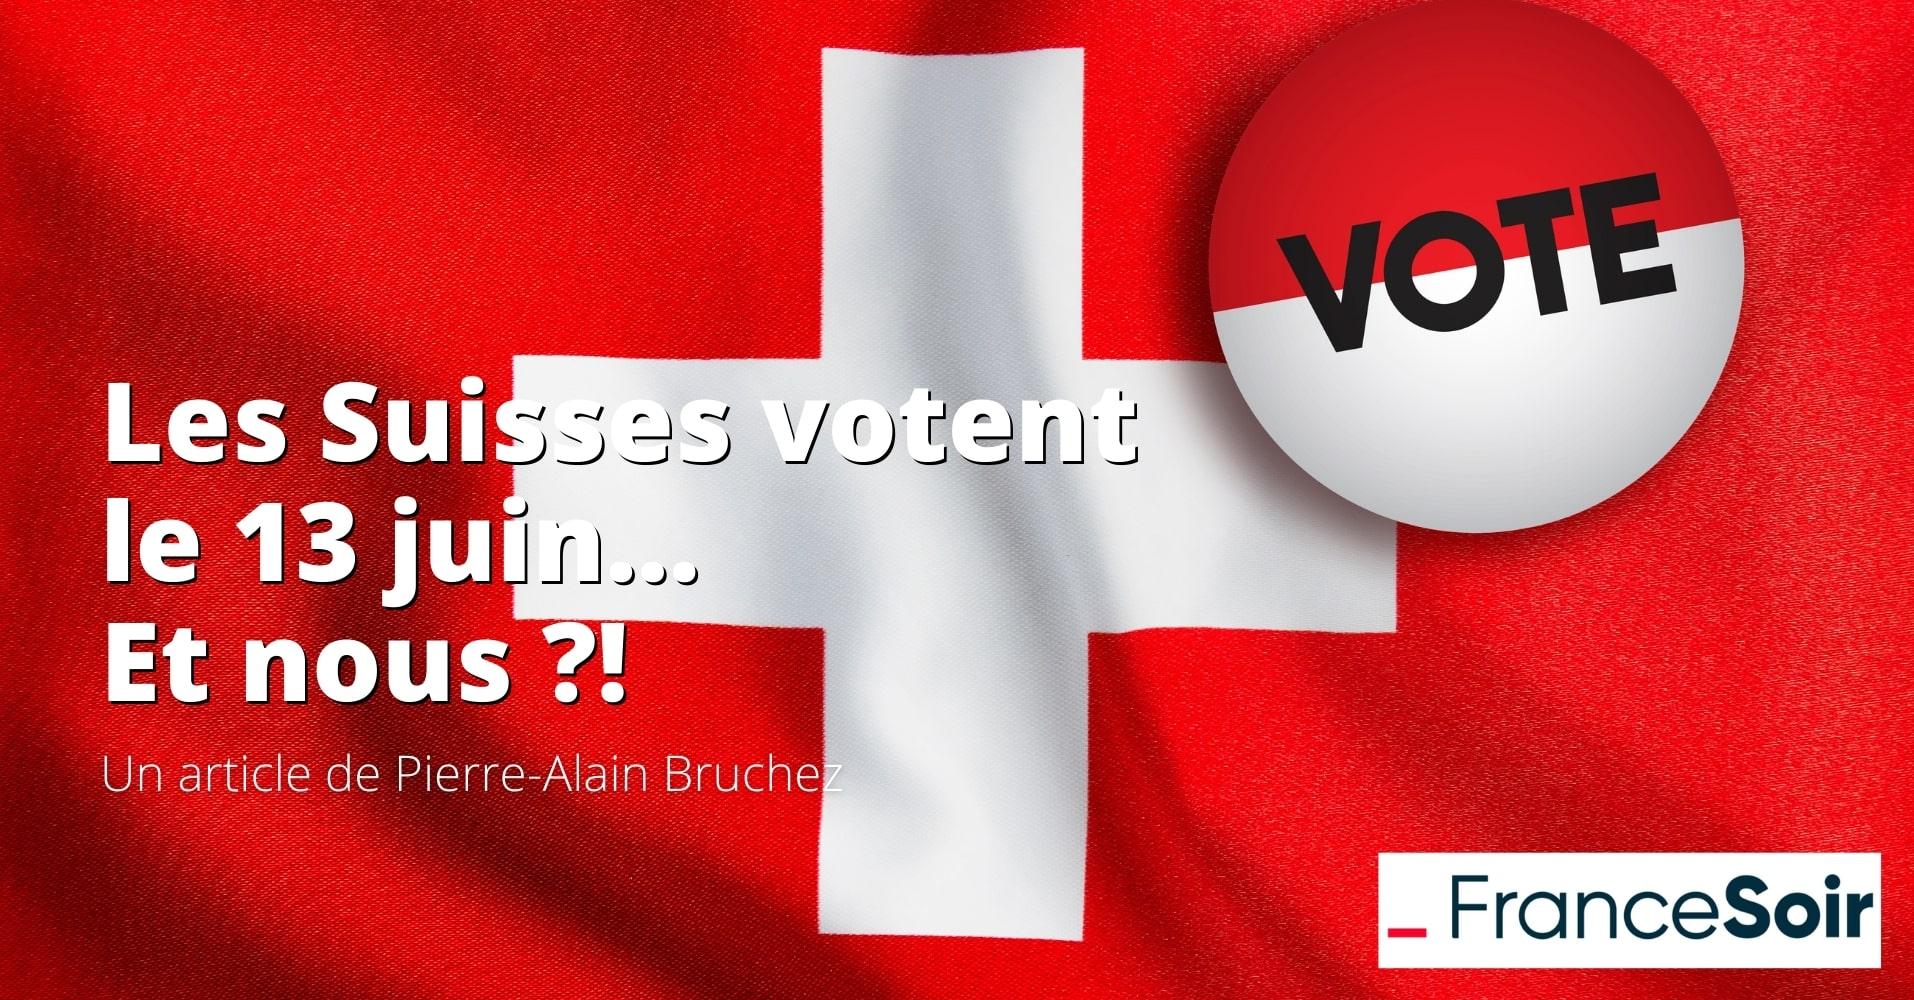 Les Suisses votent sur cinq sujets le 13 juin : une inspiration pour la France ?